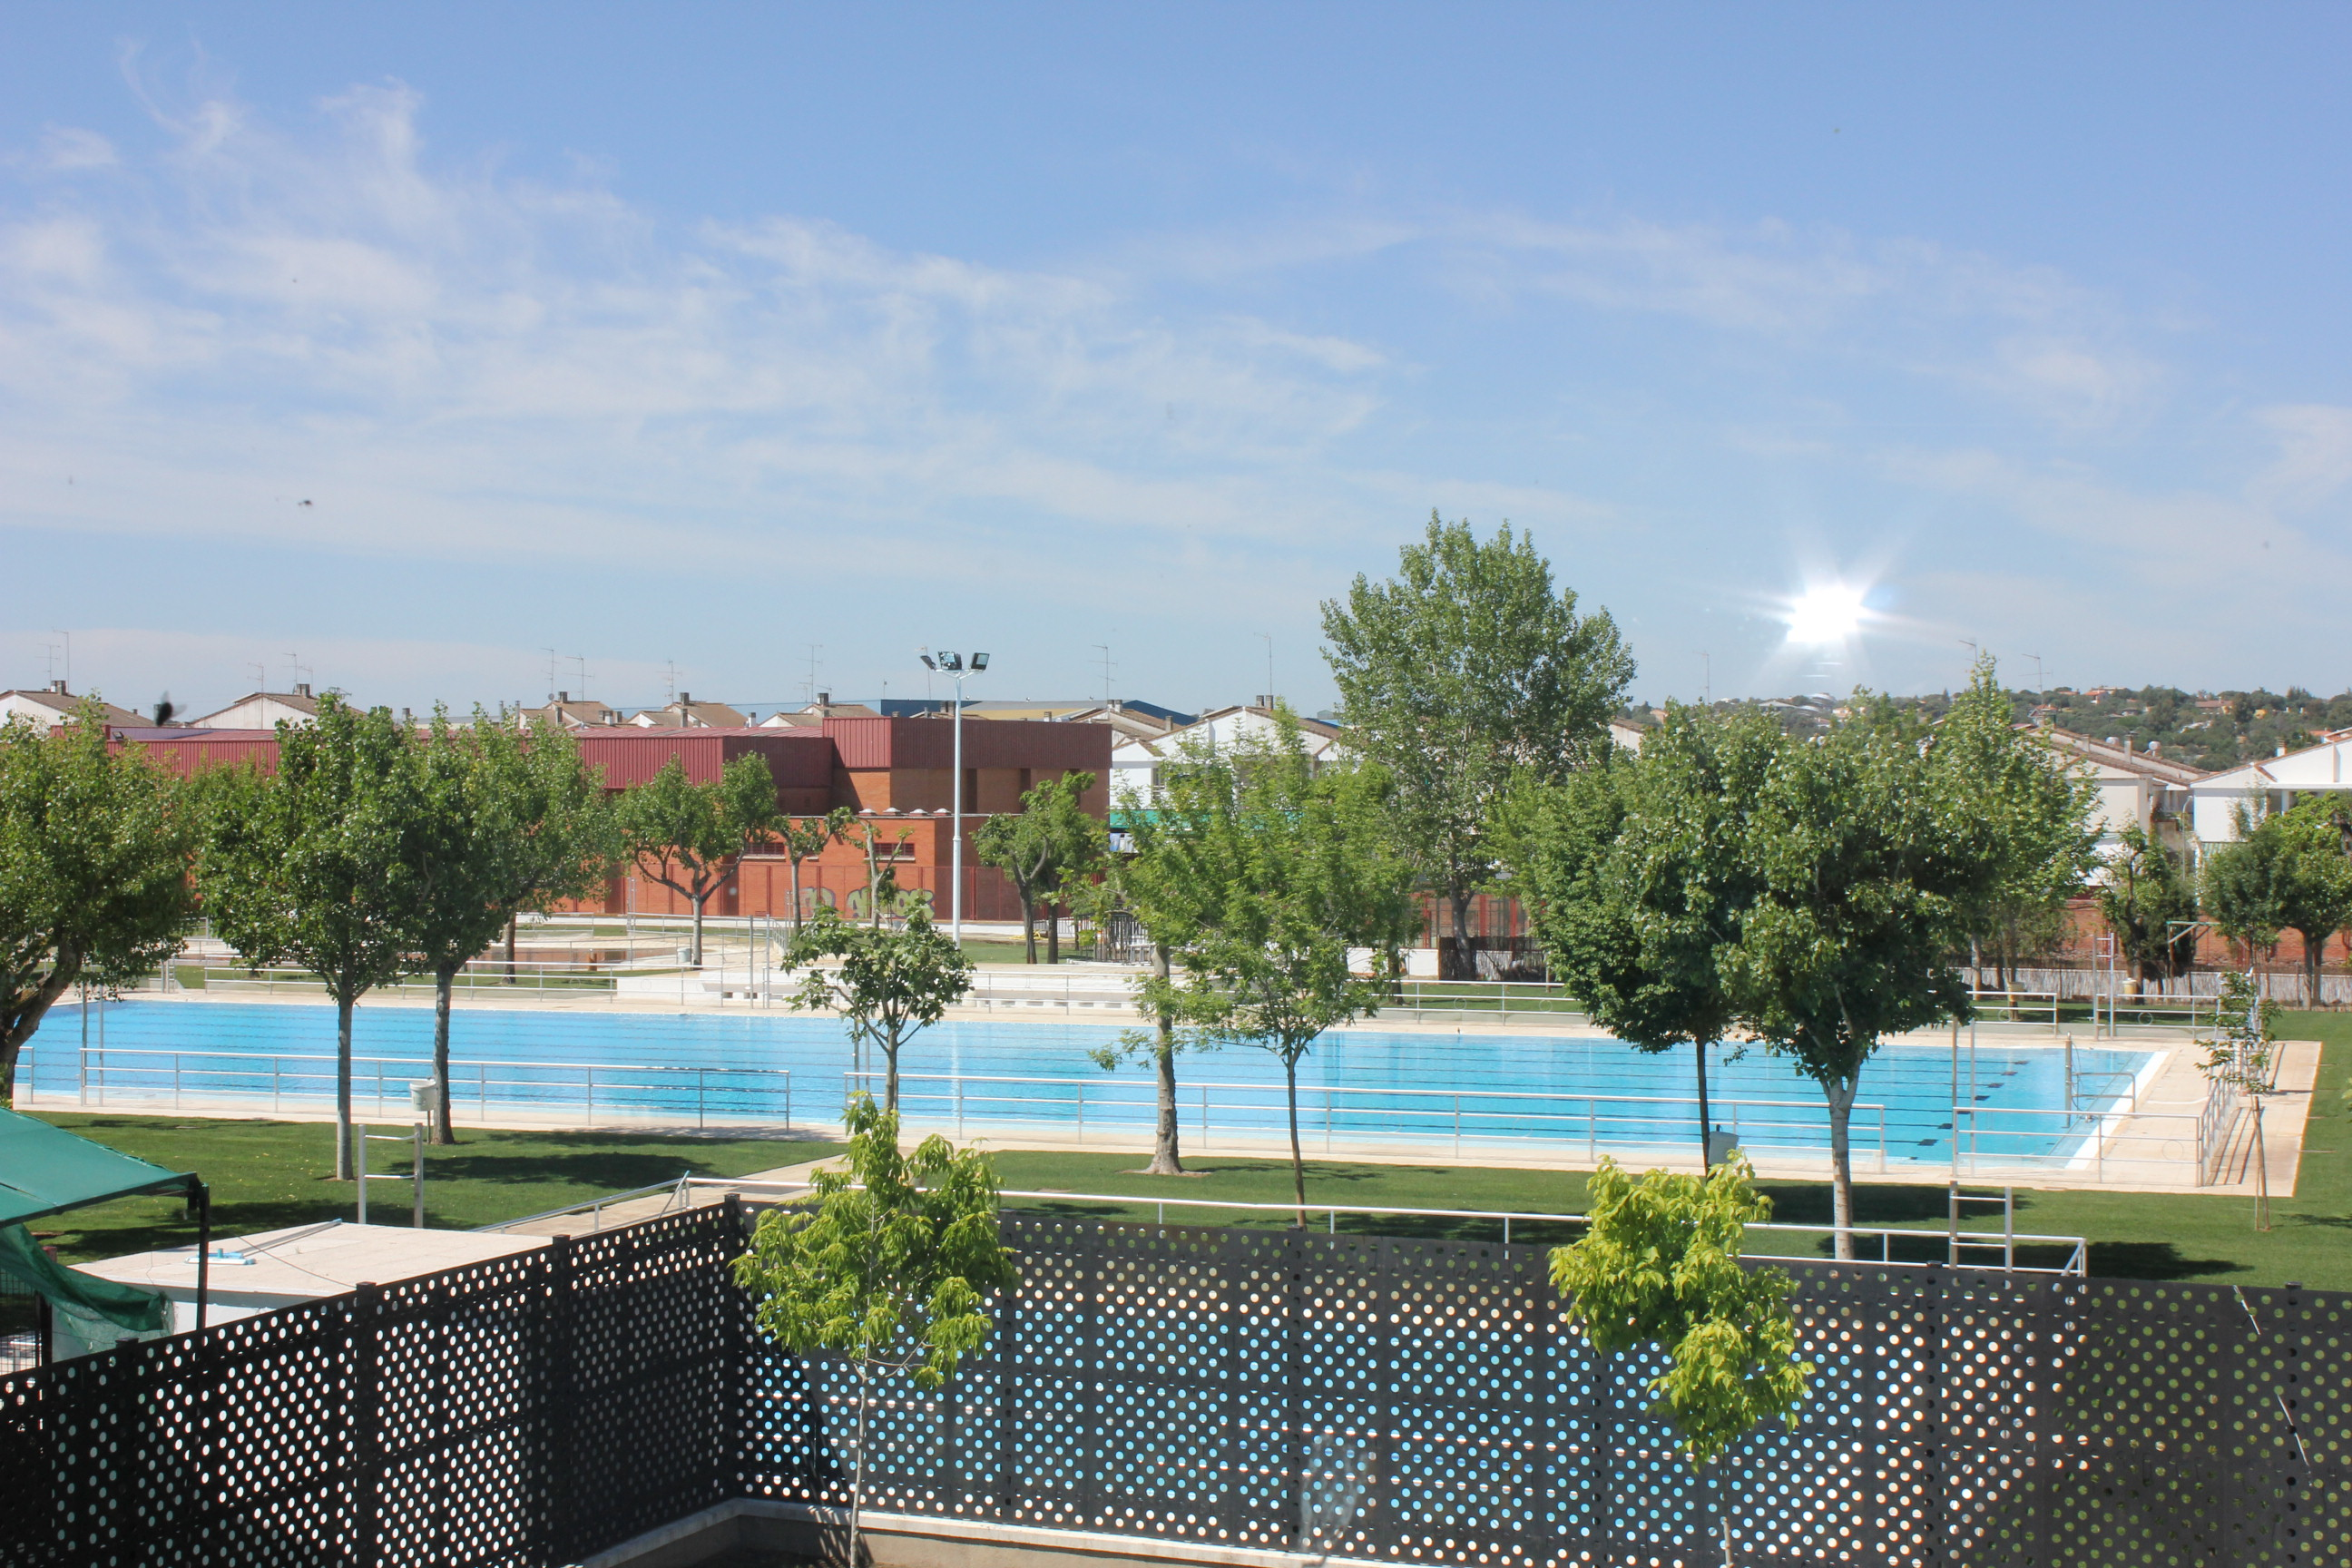 Los empadronados estrenarán la piscina este viernes de forma gratuita